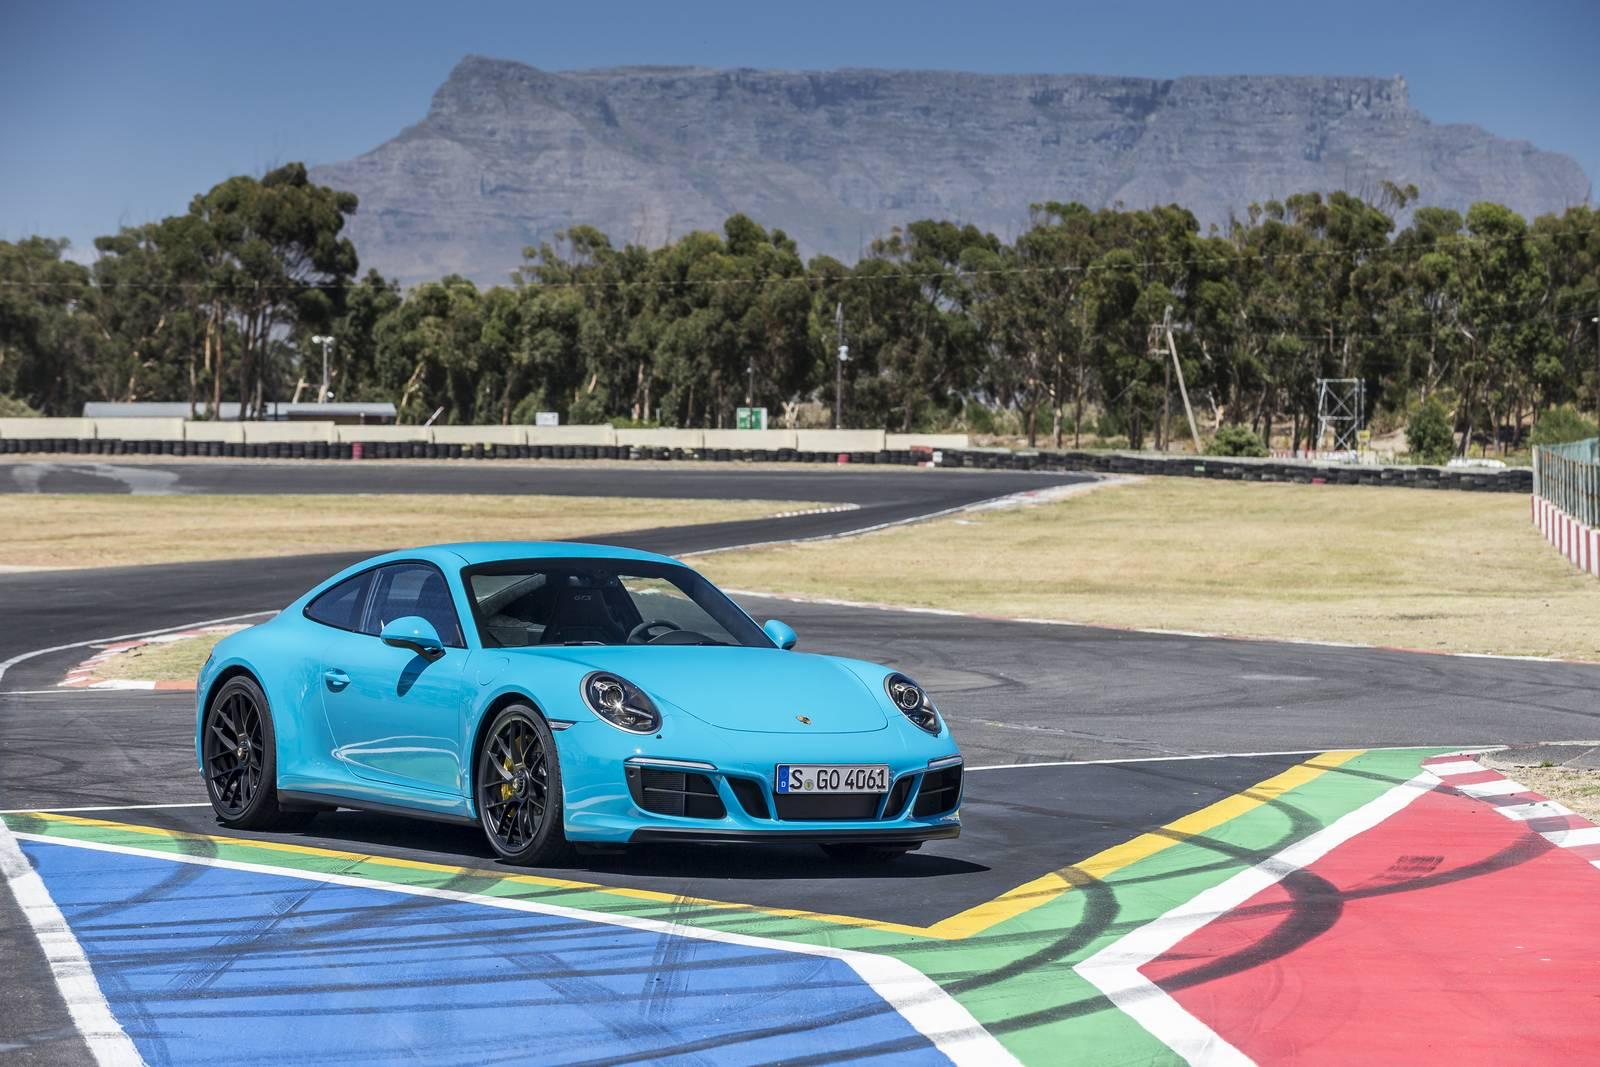 Дополнительное доказательство пришло с Nürburgring Nordschleife, где новое поколение Porsche 911 Carrera GTS стало быстрее, чем 991.1 GT3.